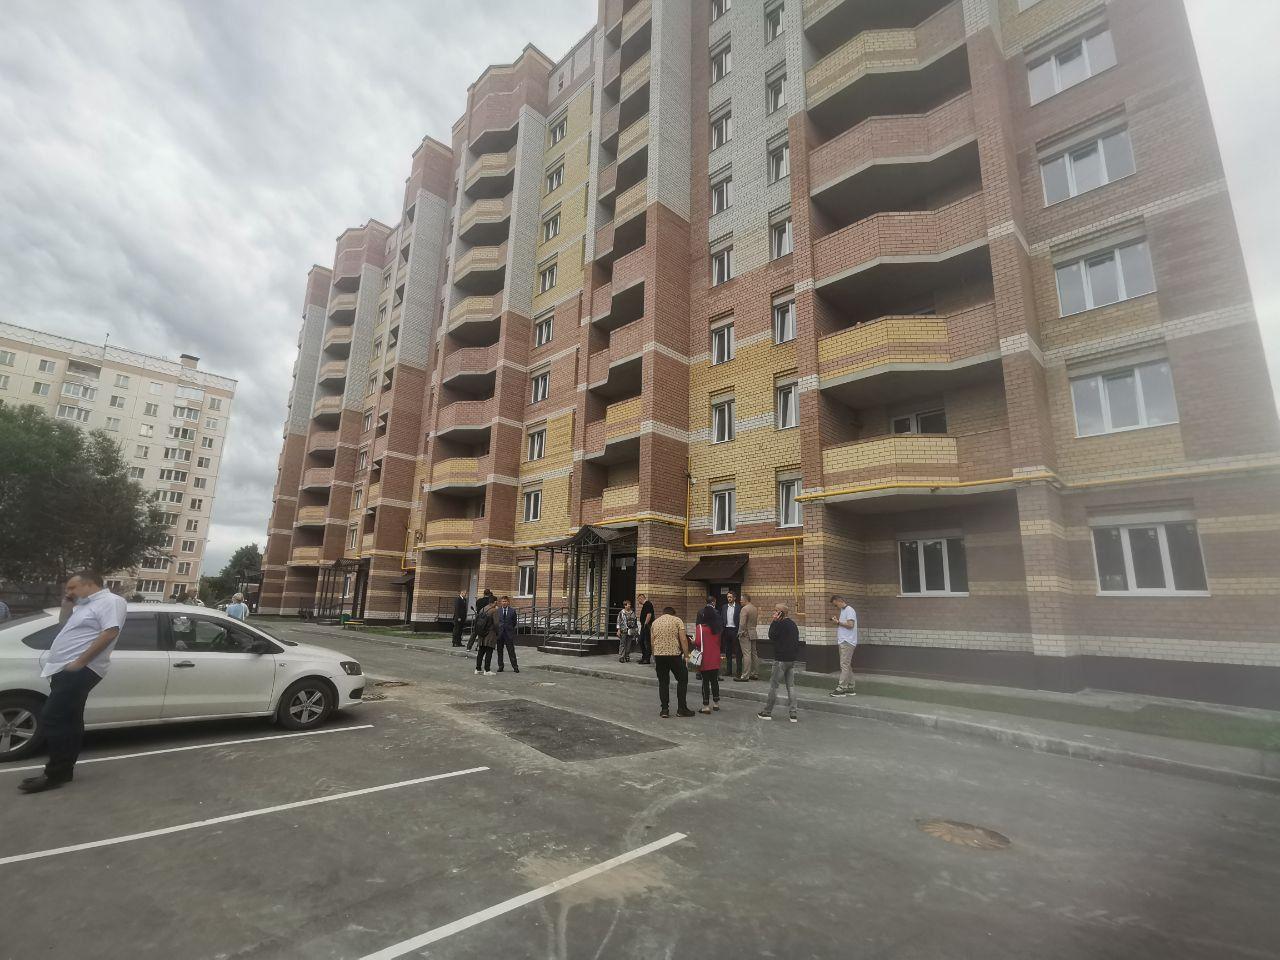 Обманутые дольщики в Костроме празднуют окончание строительства дома на улице Галичской